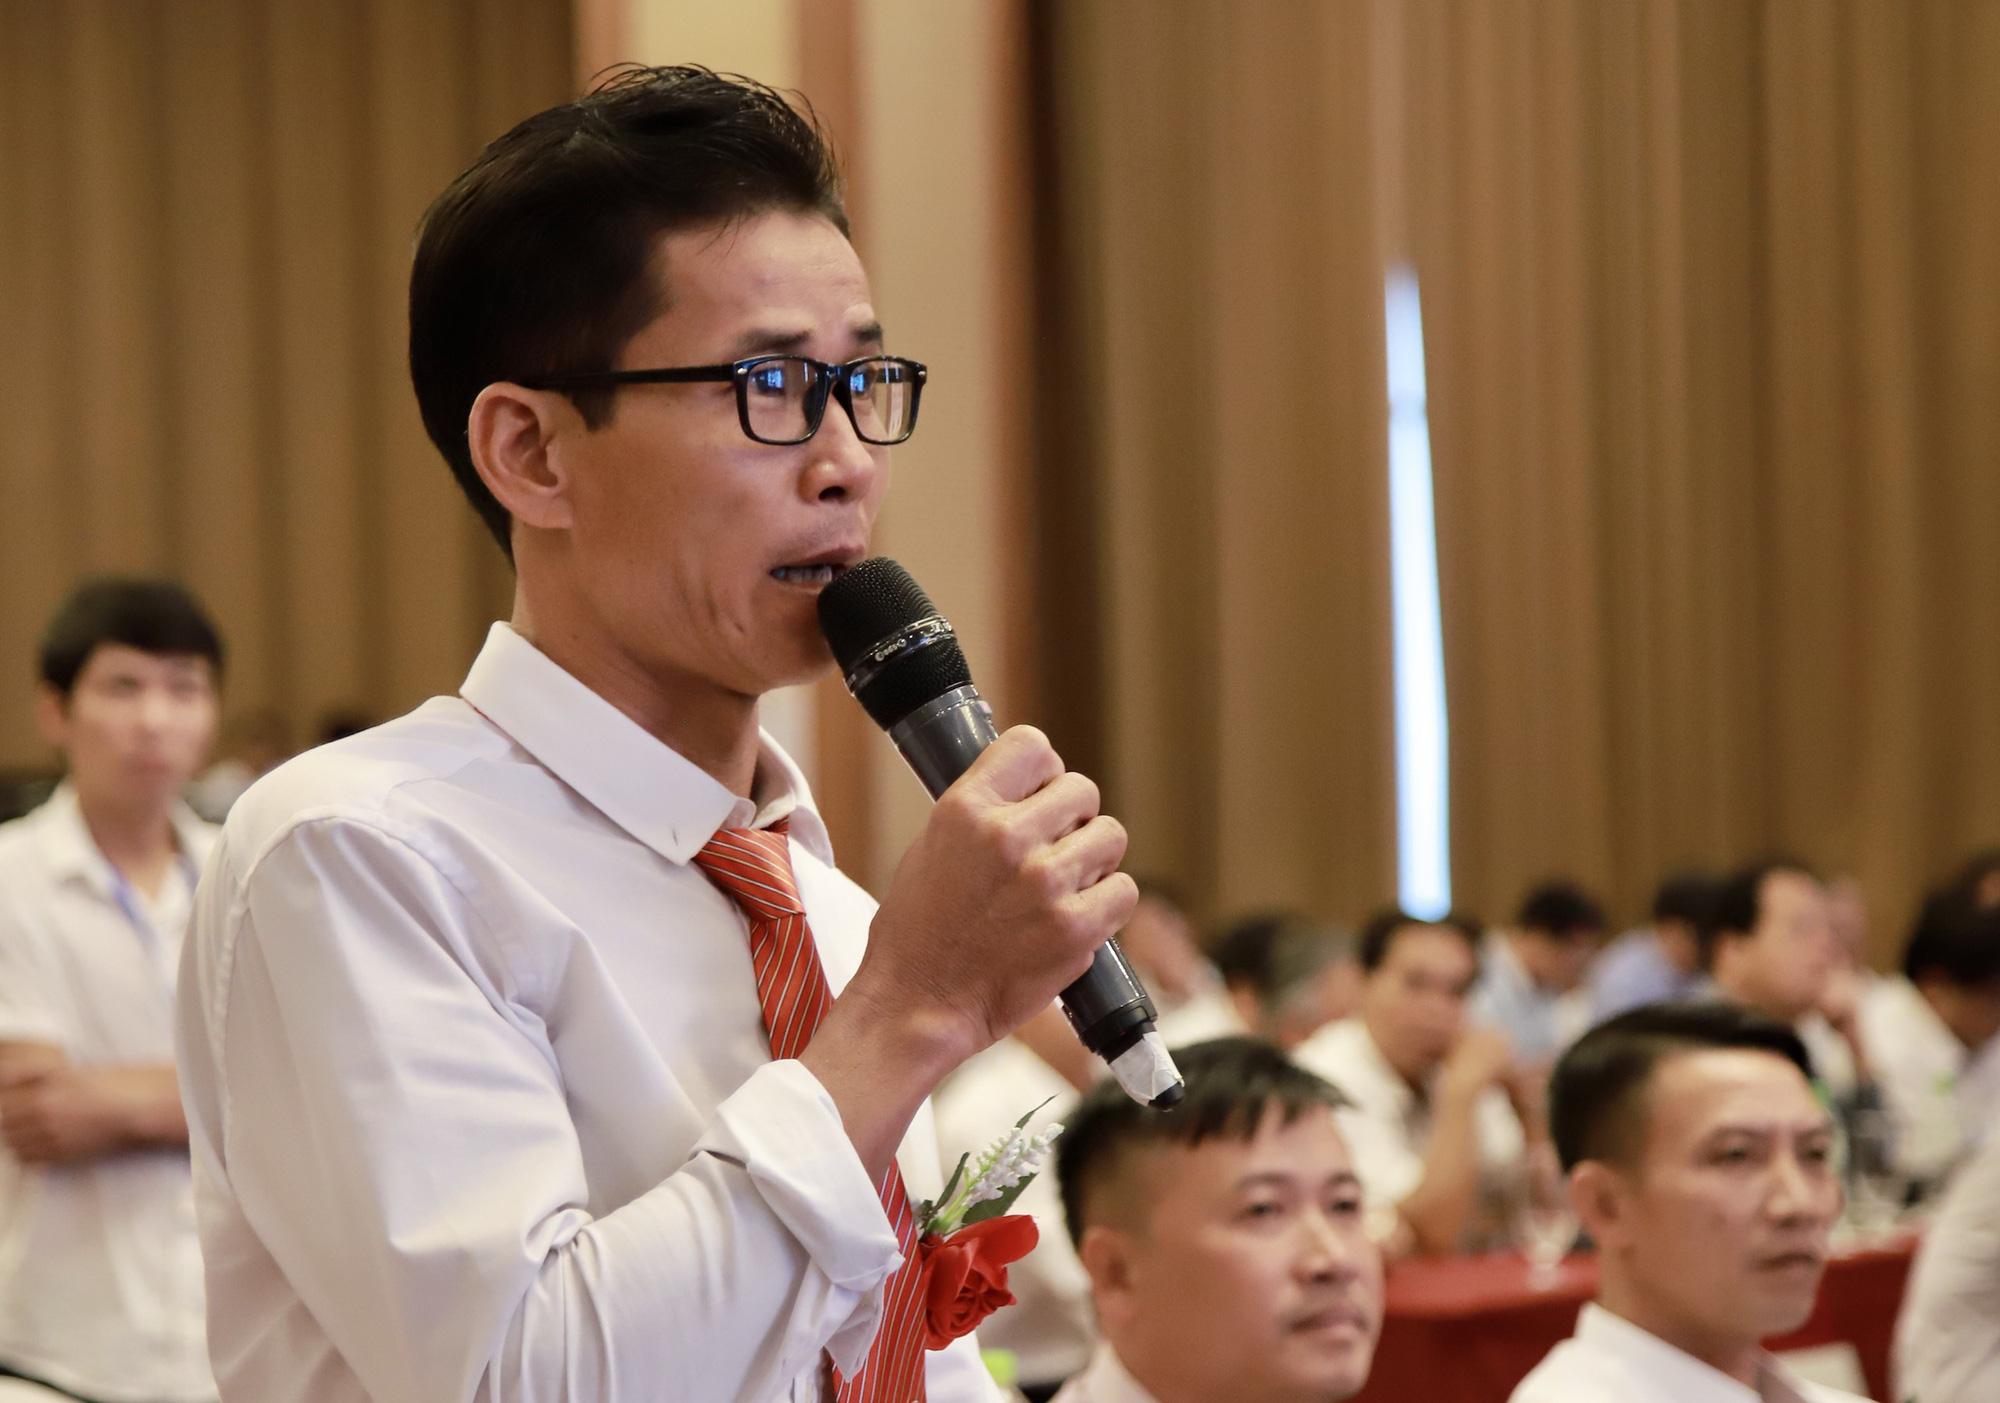 Trung tướng Lương Tam Quang- Thứ trưởng Bộ Công an: Cần sự phối hợp của người dân để triệt phá tín dụng đen - Ảnh 1.